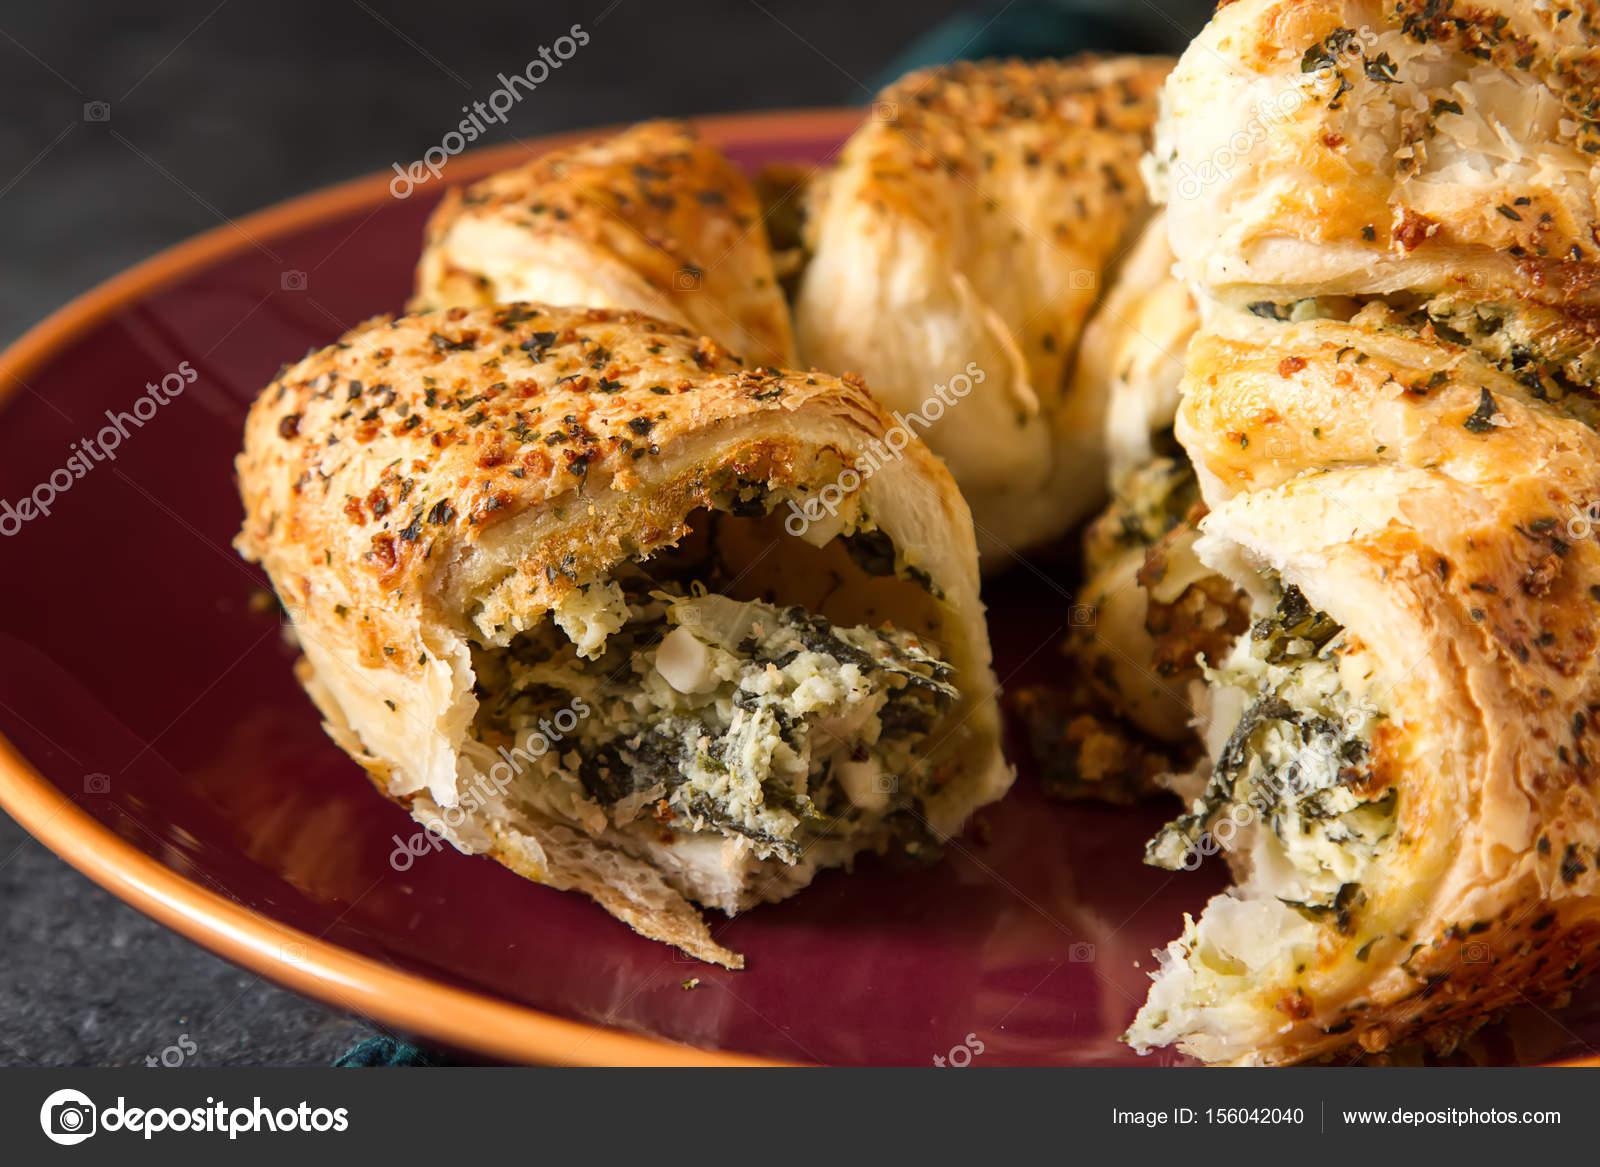 Einfach Dunkle Kuche ~ Griechischer kuchen spanakopita mit spinat käse. einfach dunkle